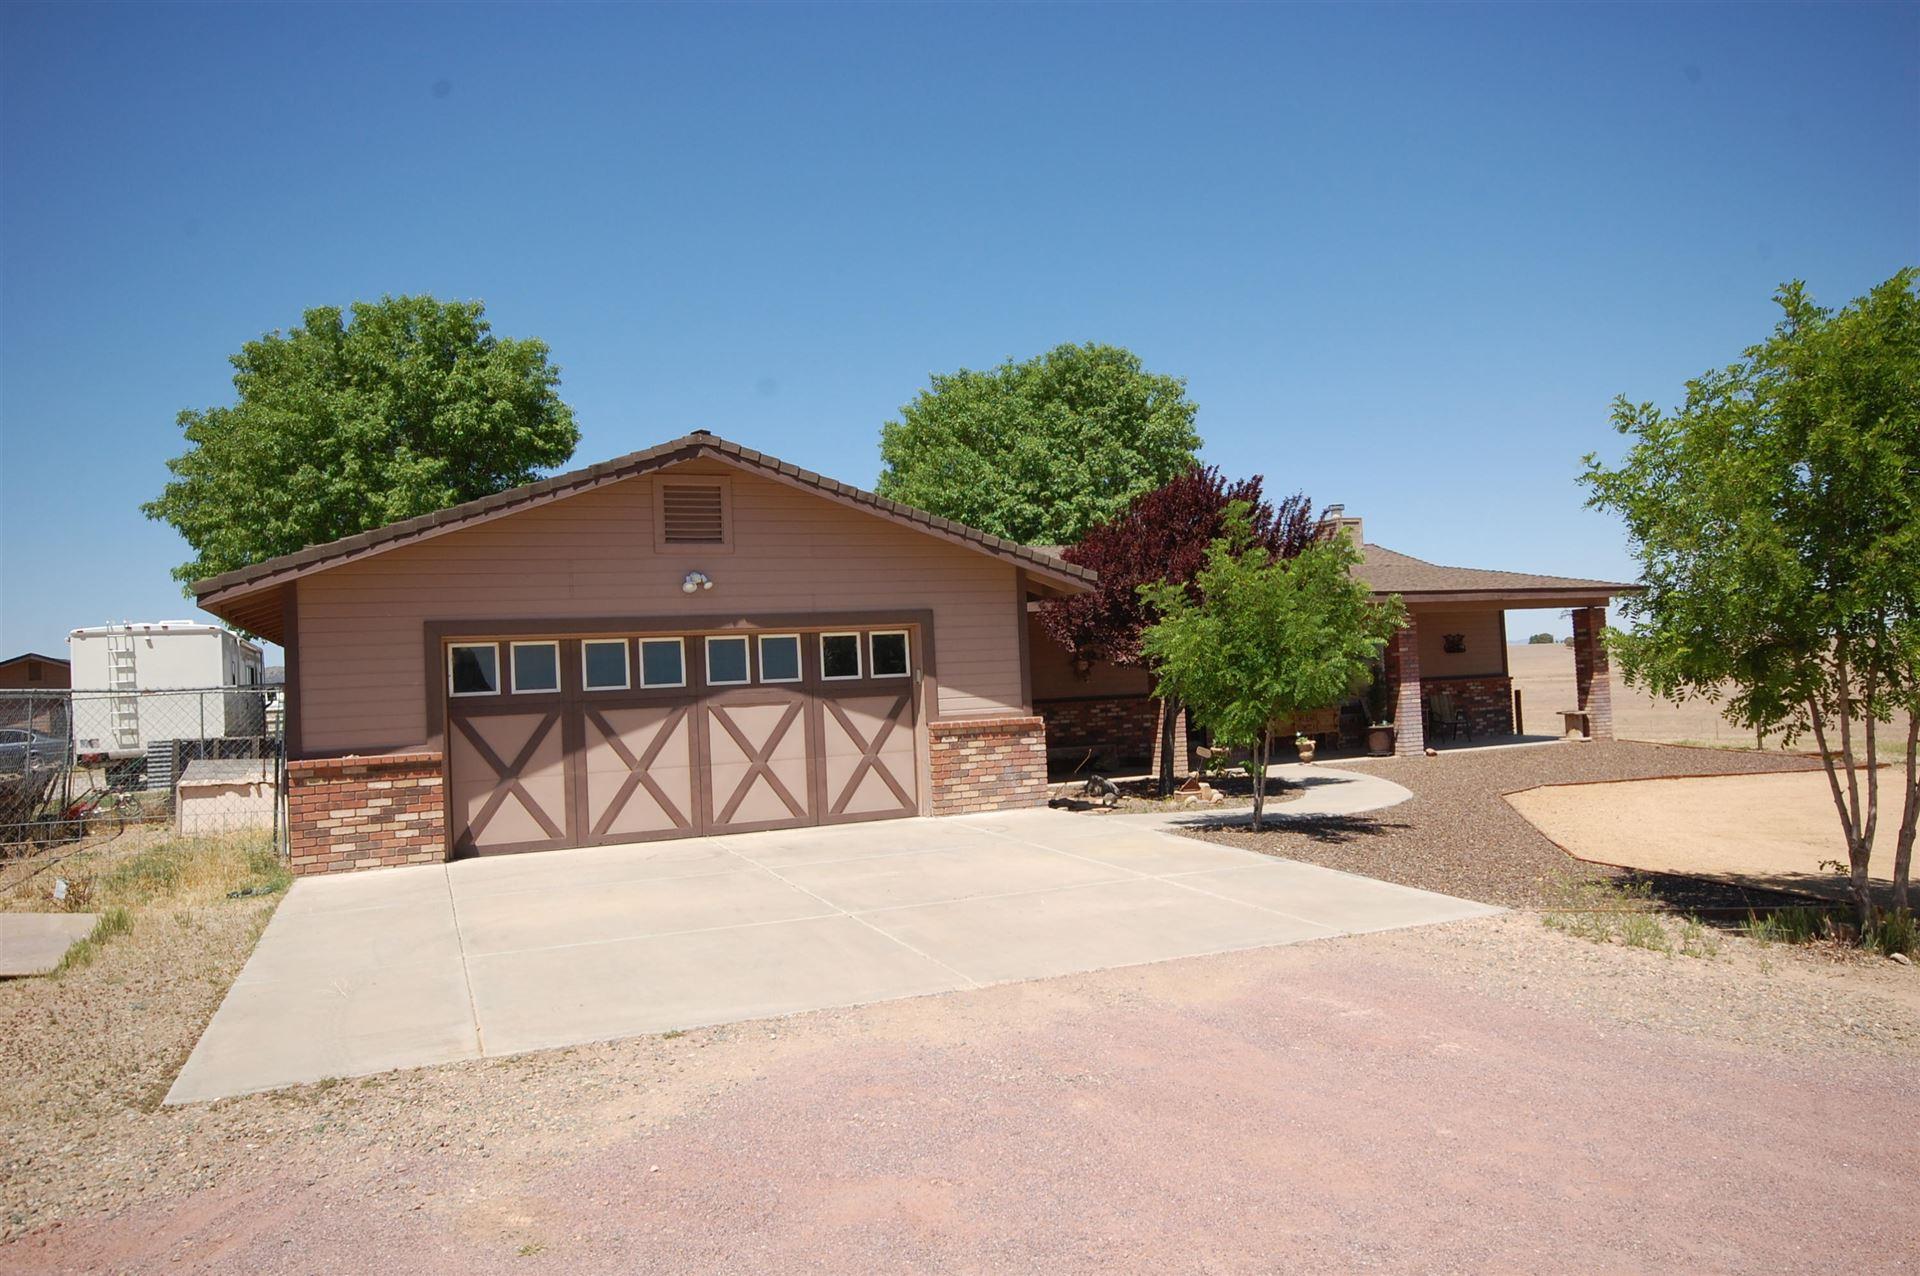 22590 N Malapai Ridge Road #Lot: 15, Paulden, AZ 86334 - MLS#: 1038531